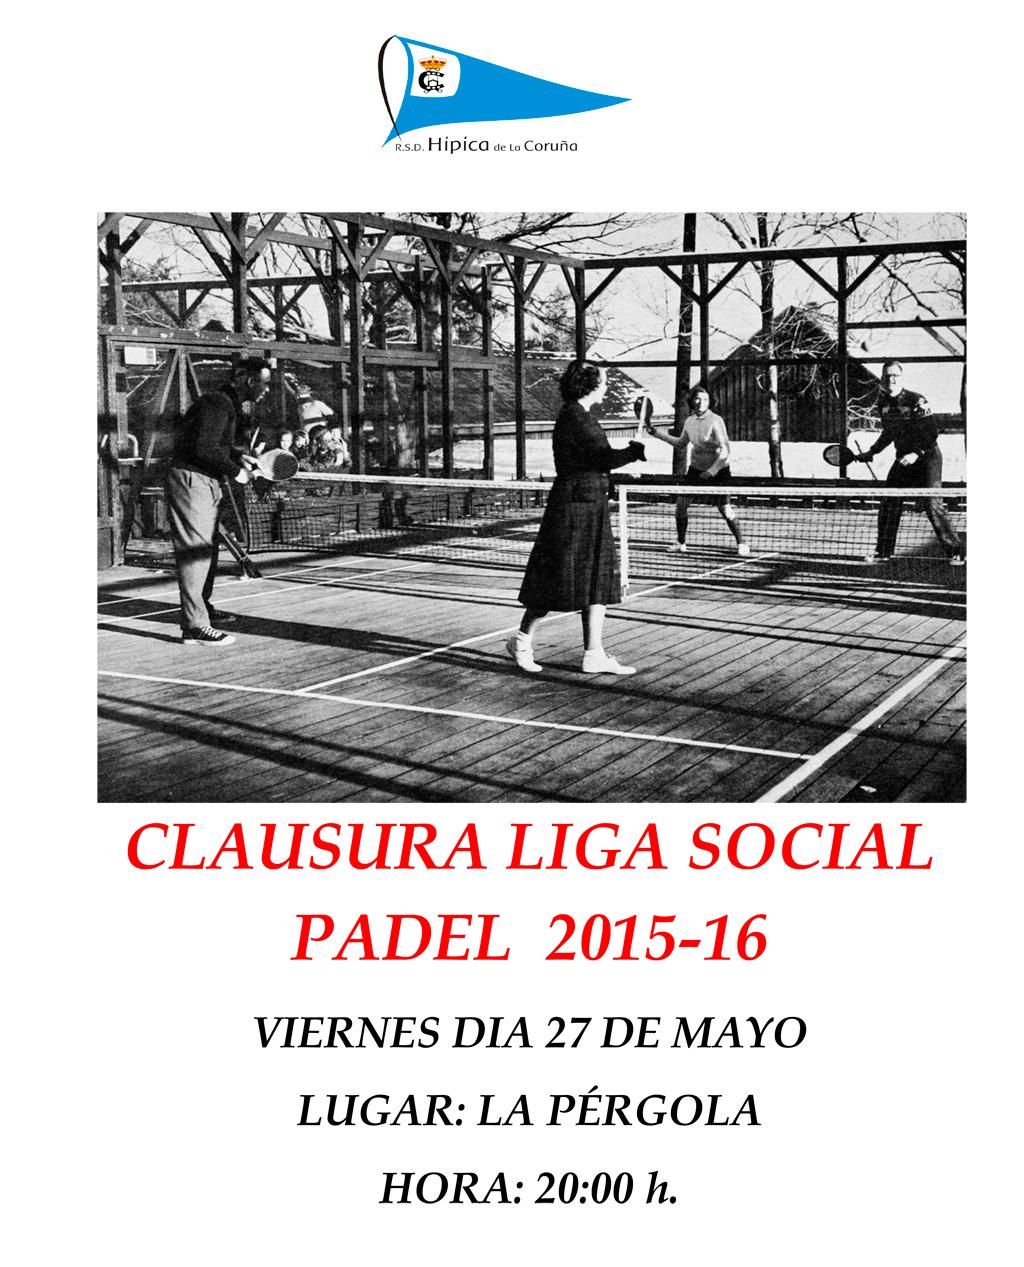 CLAUSURA LIGA SOCIAL PADEL  2015-16 VIERNES DIA 27 DE MAYO  LUGAR: LA PÉRGOLA HORA: 20:00 h.